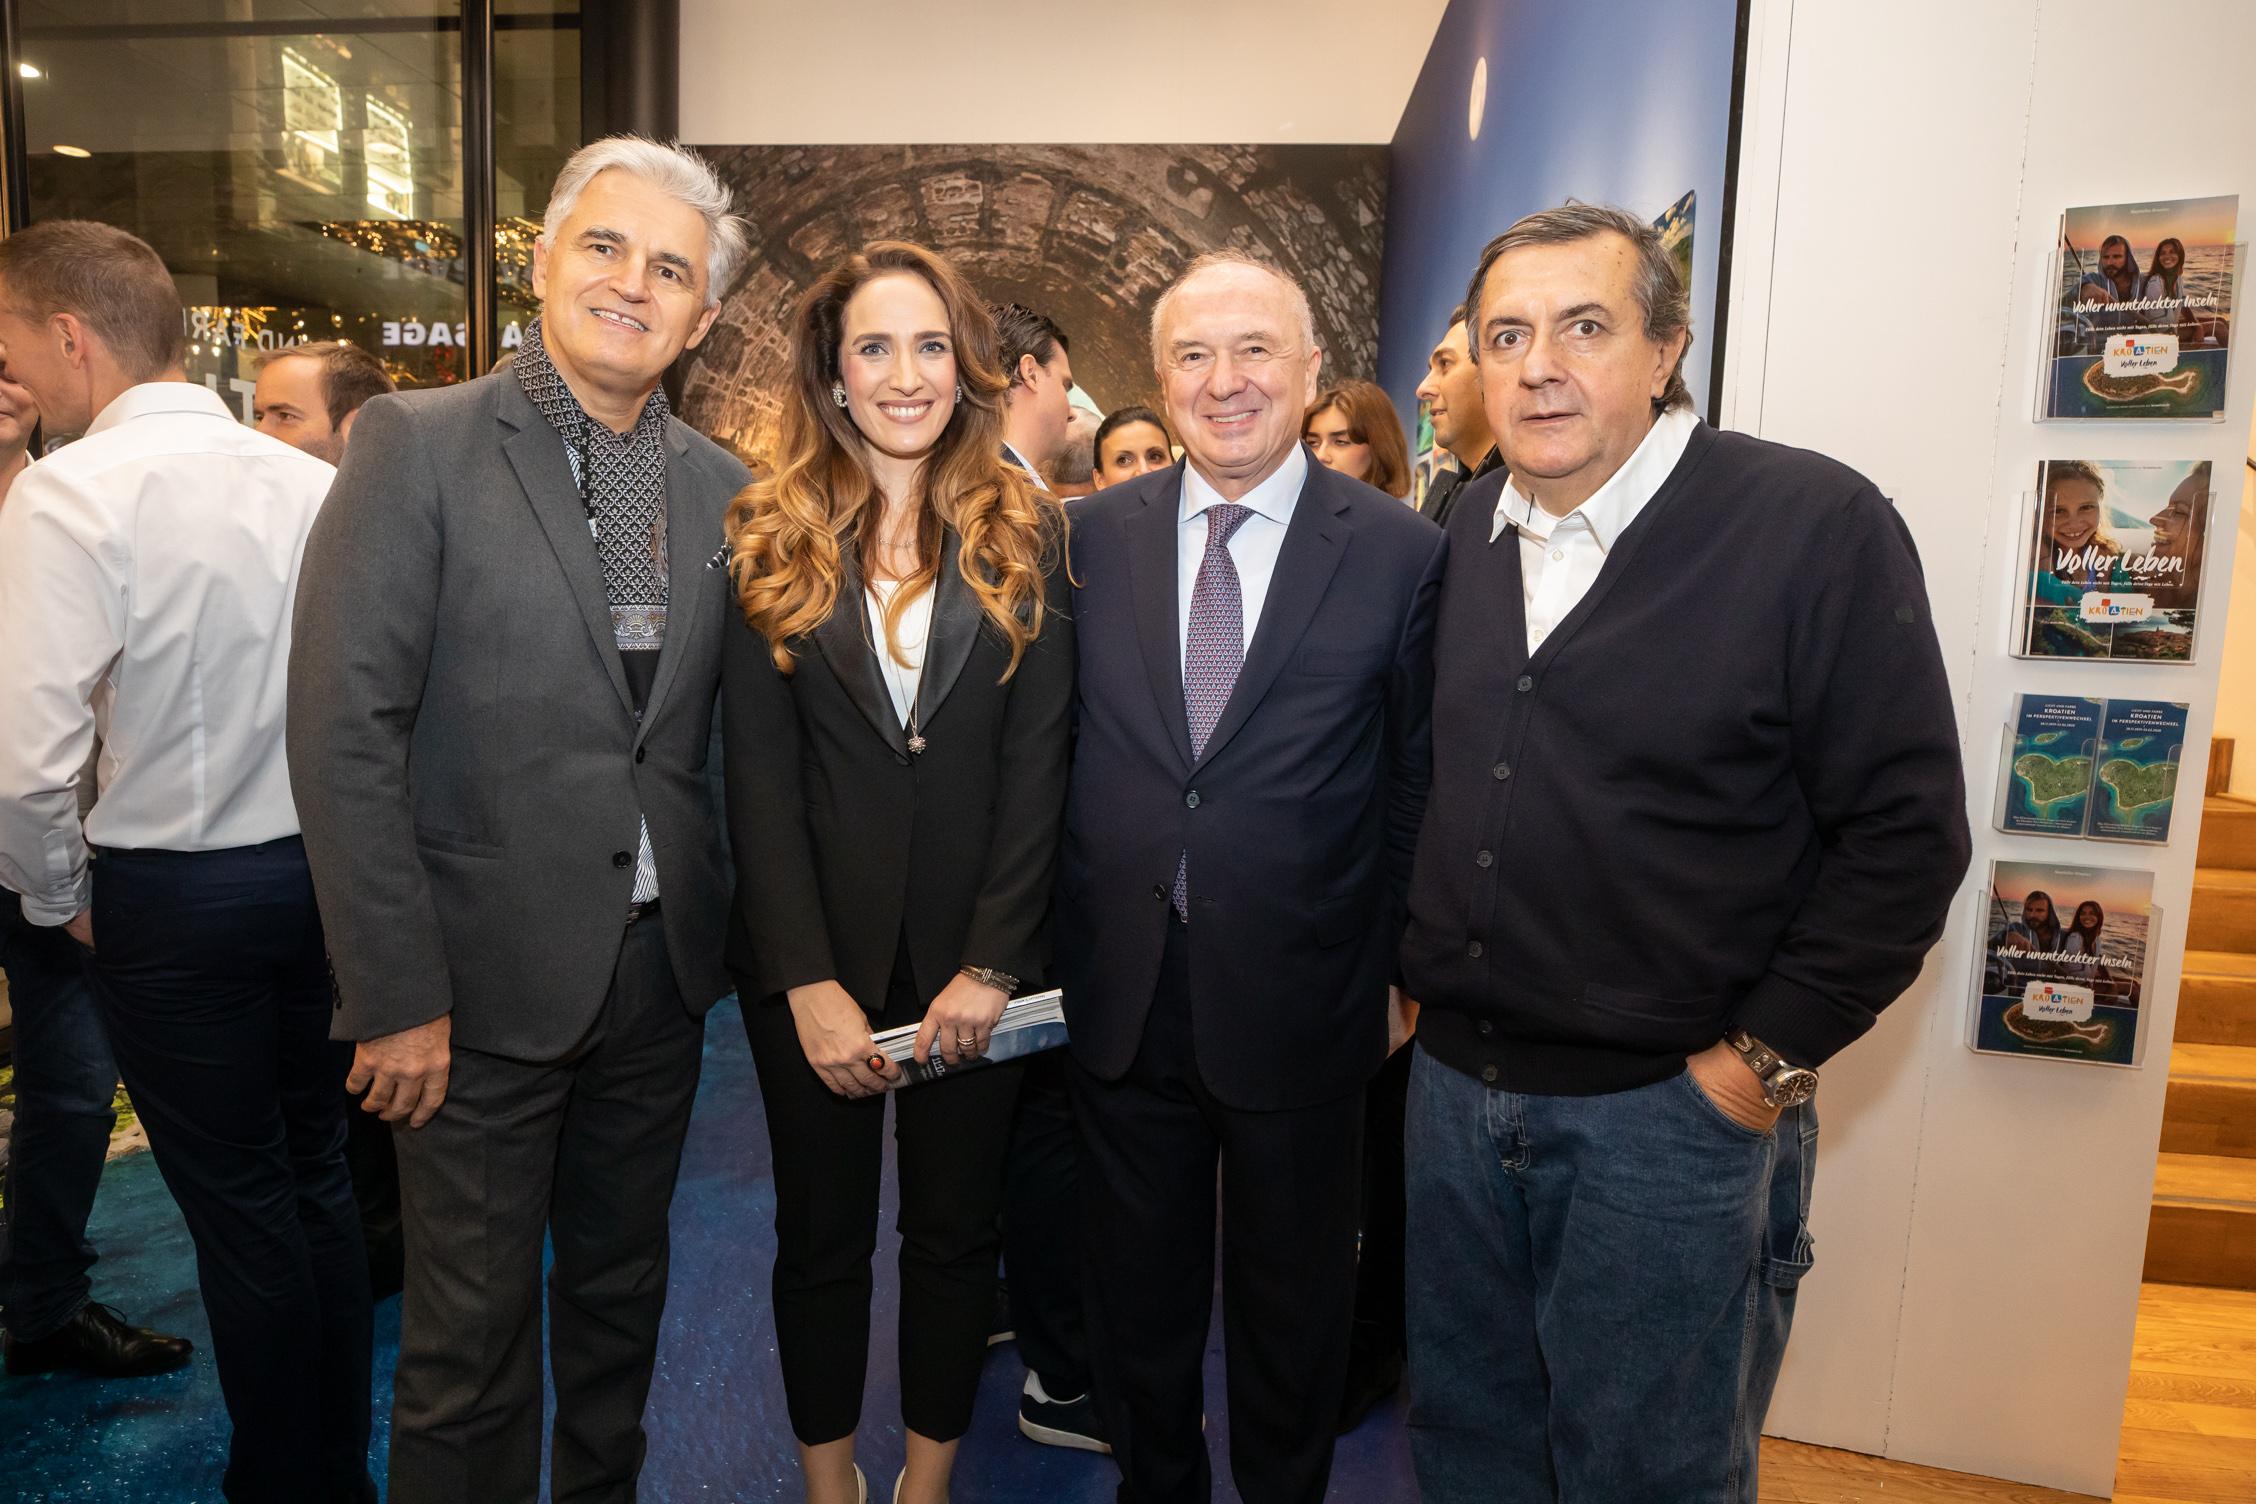 eđu brojnim uzvanicima na izložbi su bili i prof. dr. Milomir Ninković, Nera Miličić, Franjo Tomić i Selimir Ognjenović